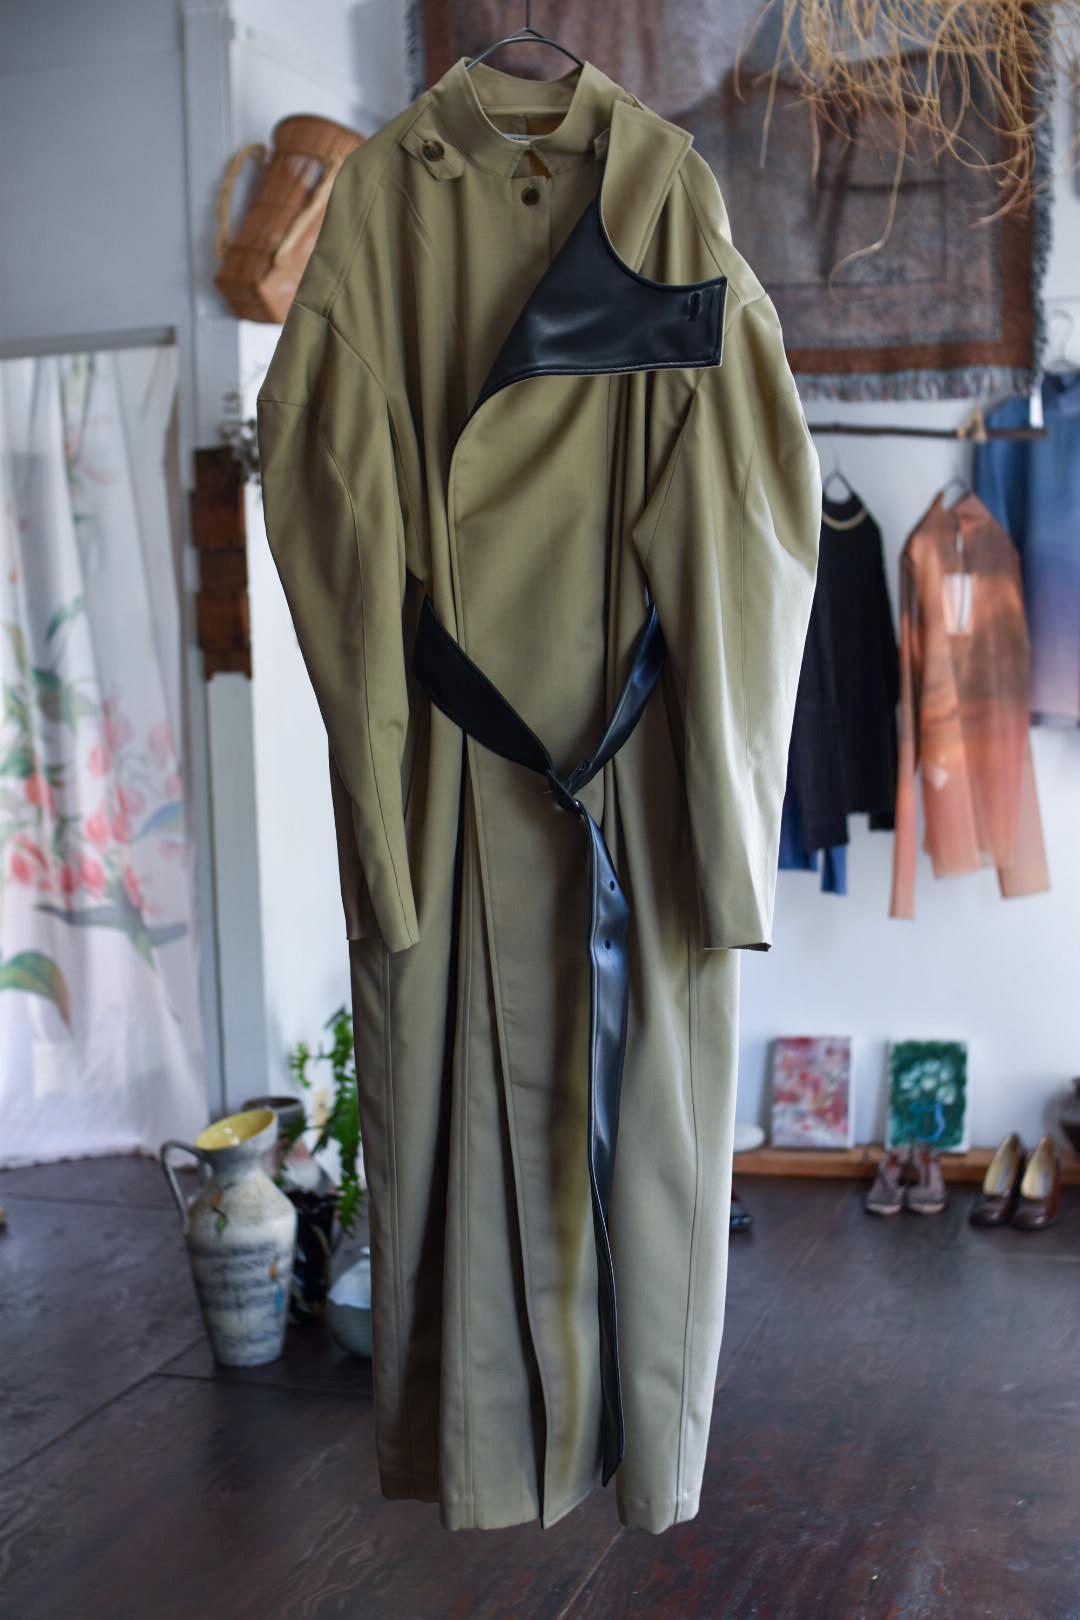 AKIKOAOKI neuter coat